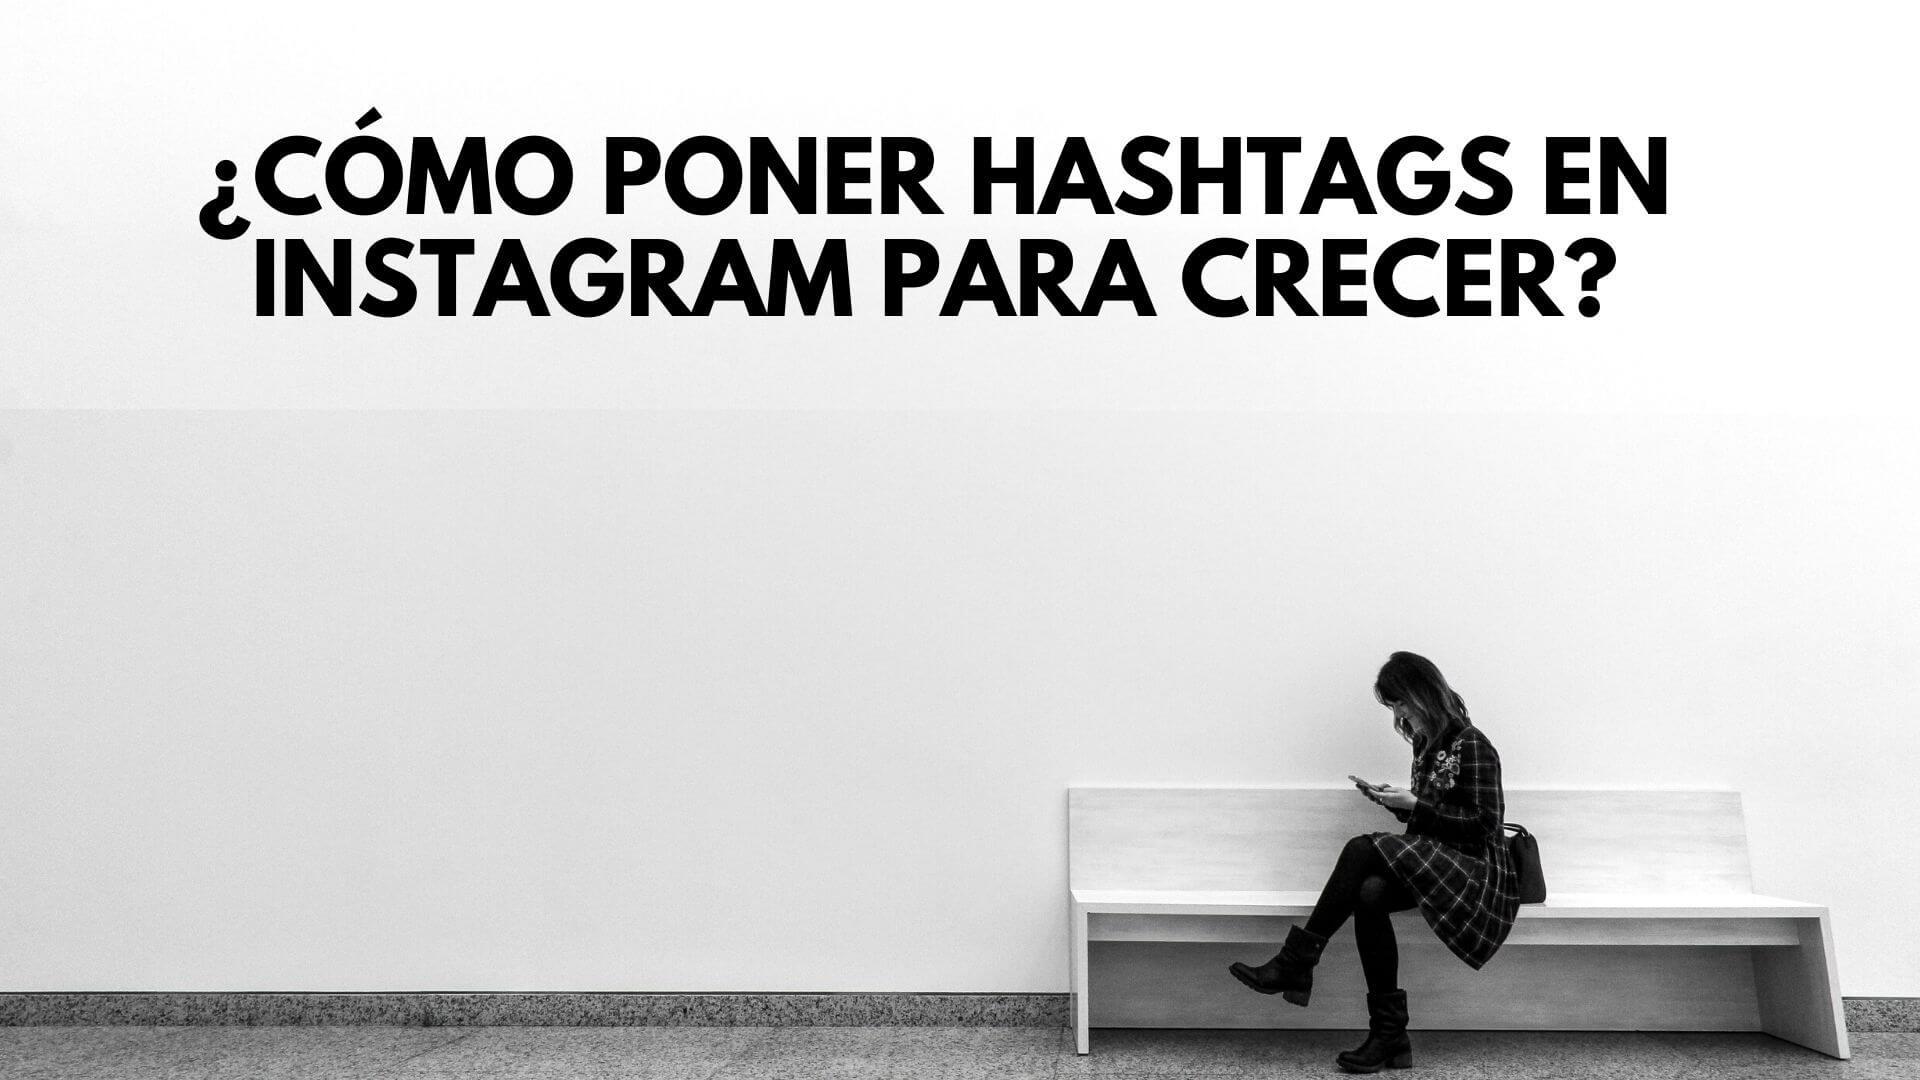 Cómo poner hashtags en Instagram para crecer en seguidores